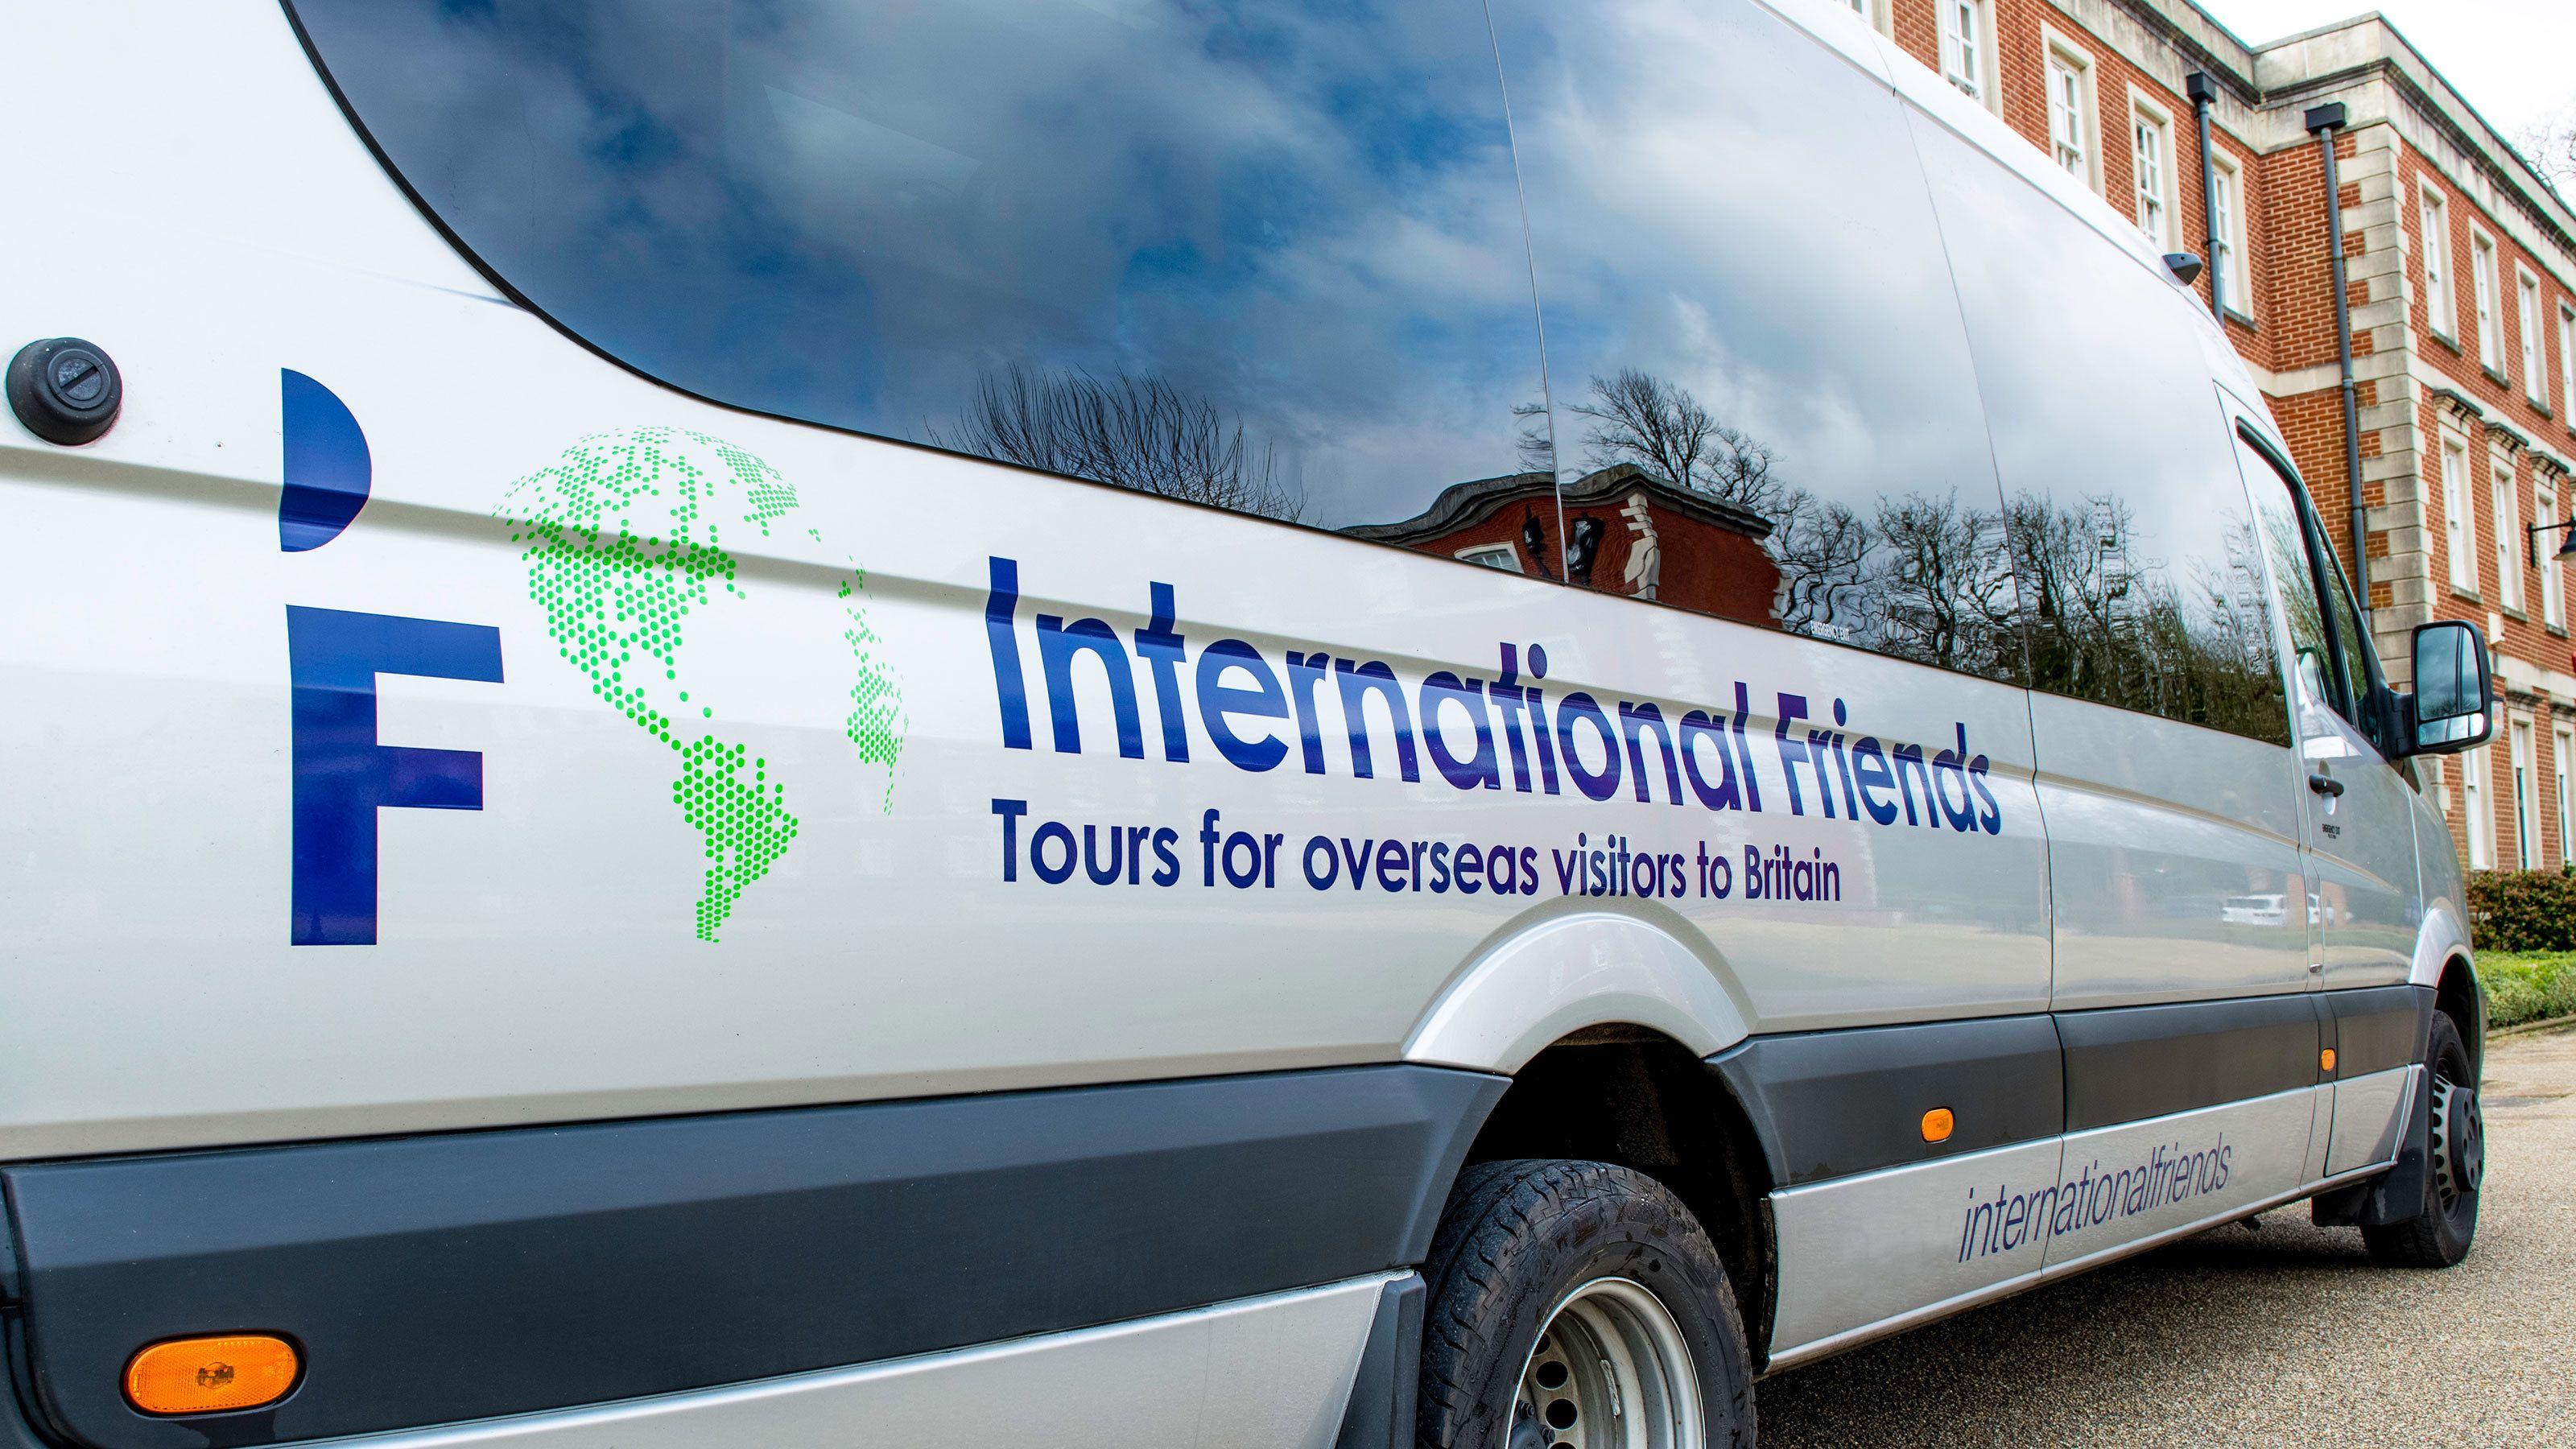 Tour van parked on street during tour in Shilton